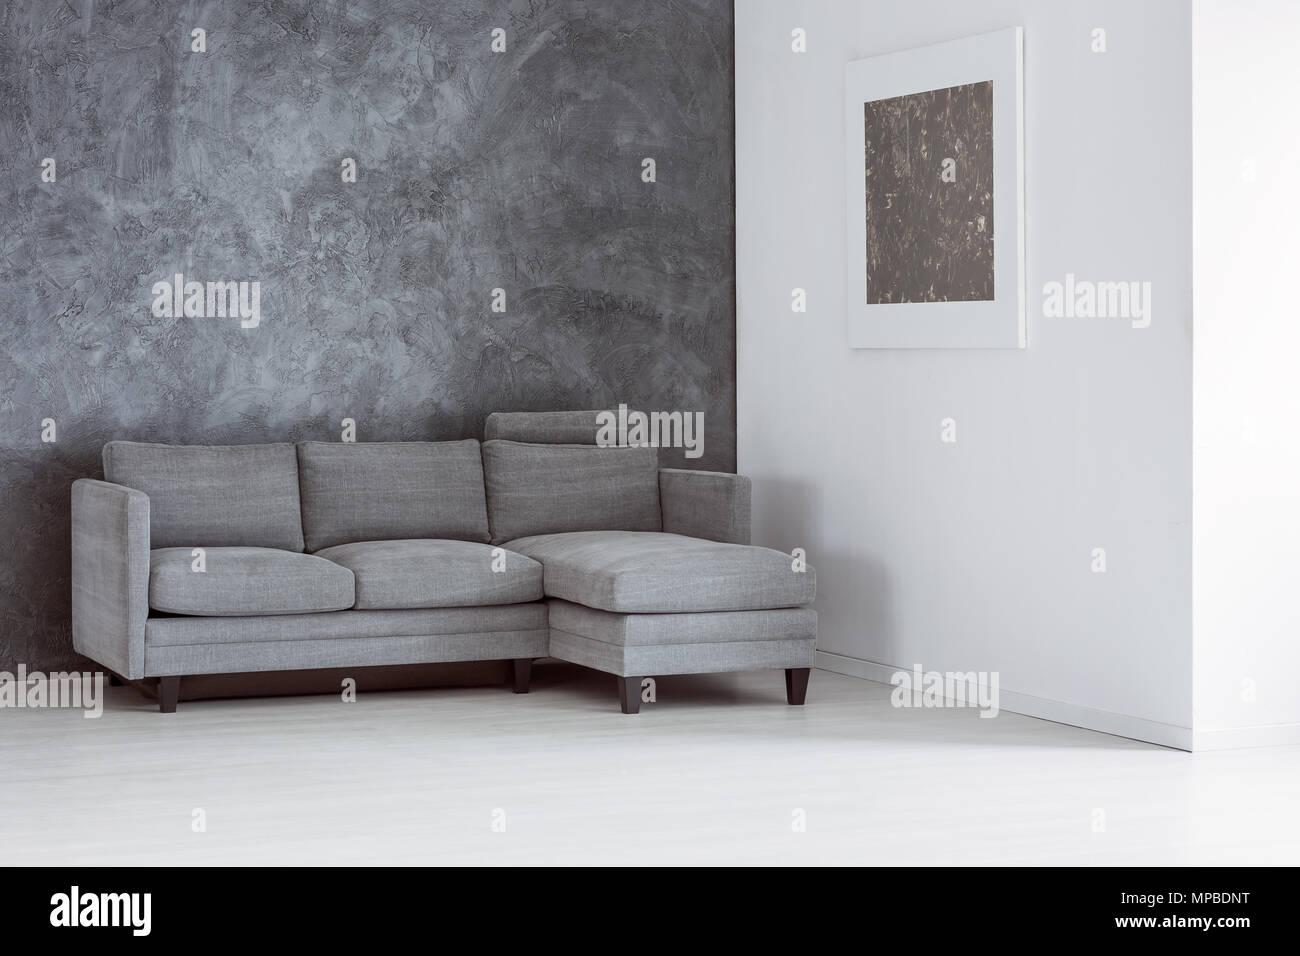 Einfach Leer Wohnzimmer Mit Sofa Gegen Betonmauer Grau Und Silber